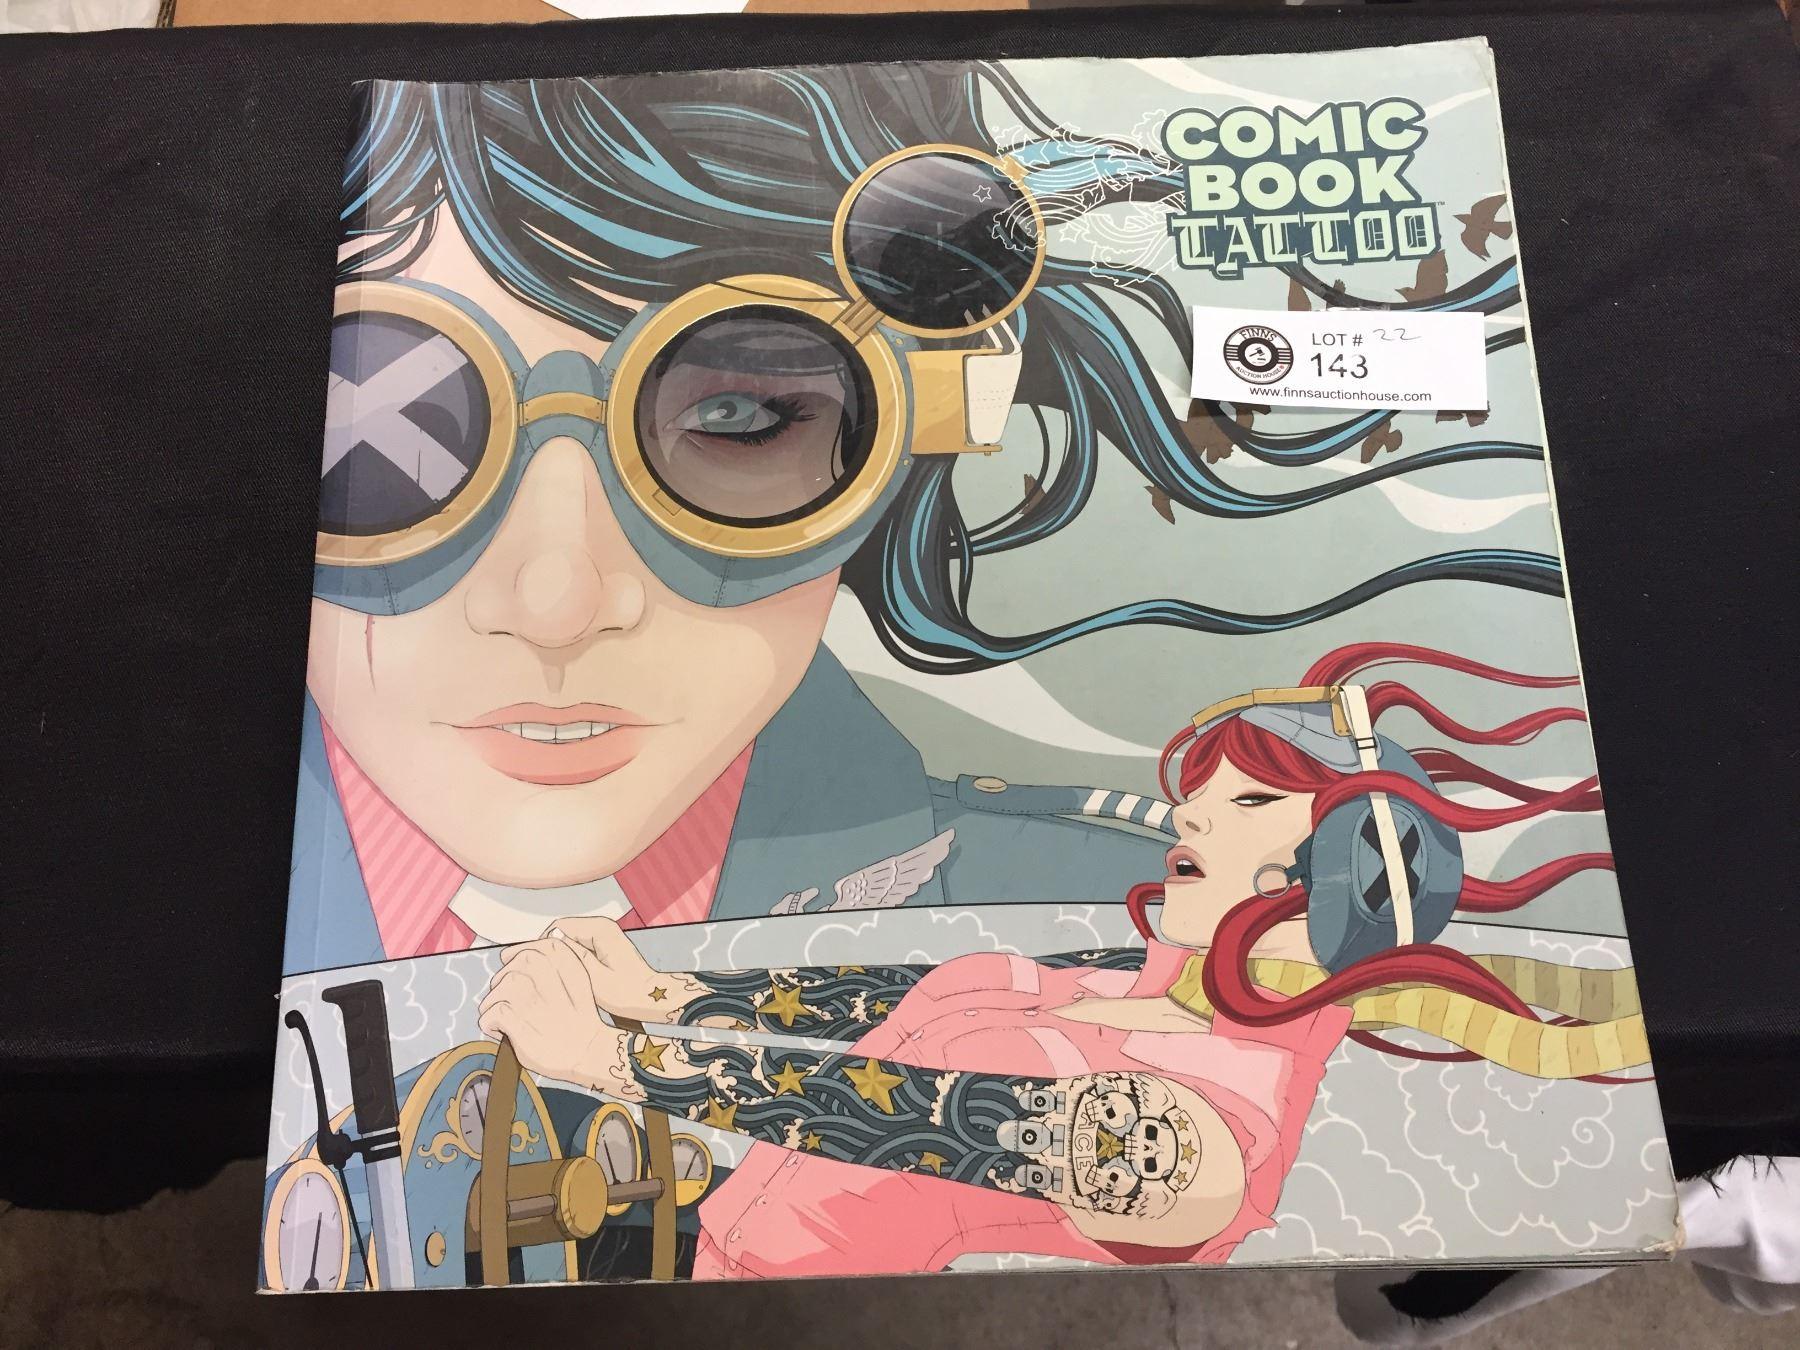 Comic Book Tattoo Coffee Table Book